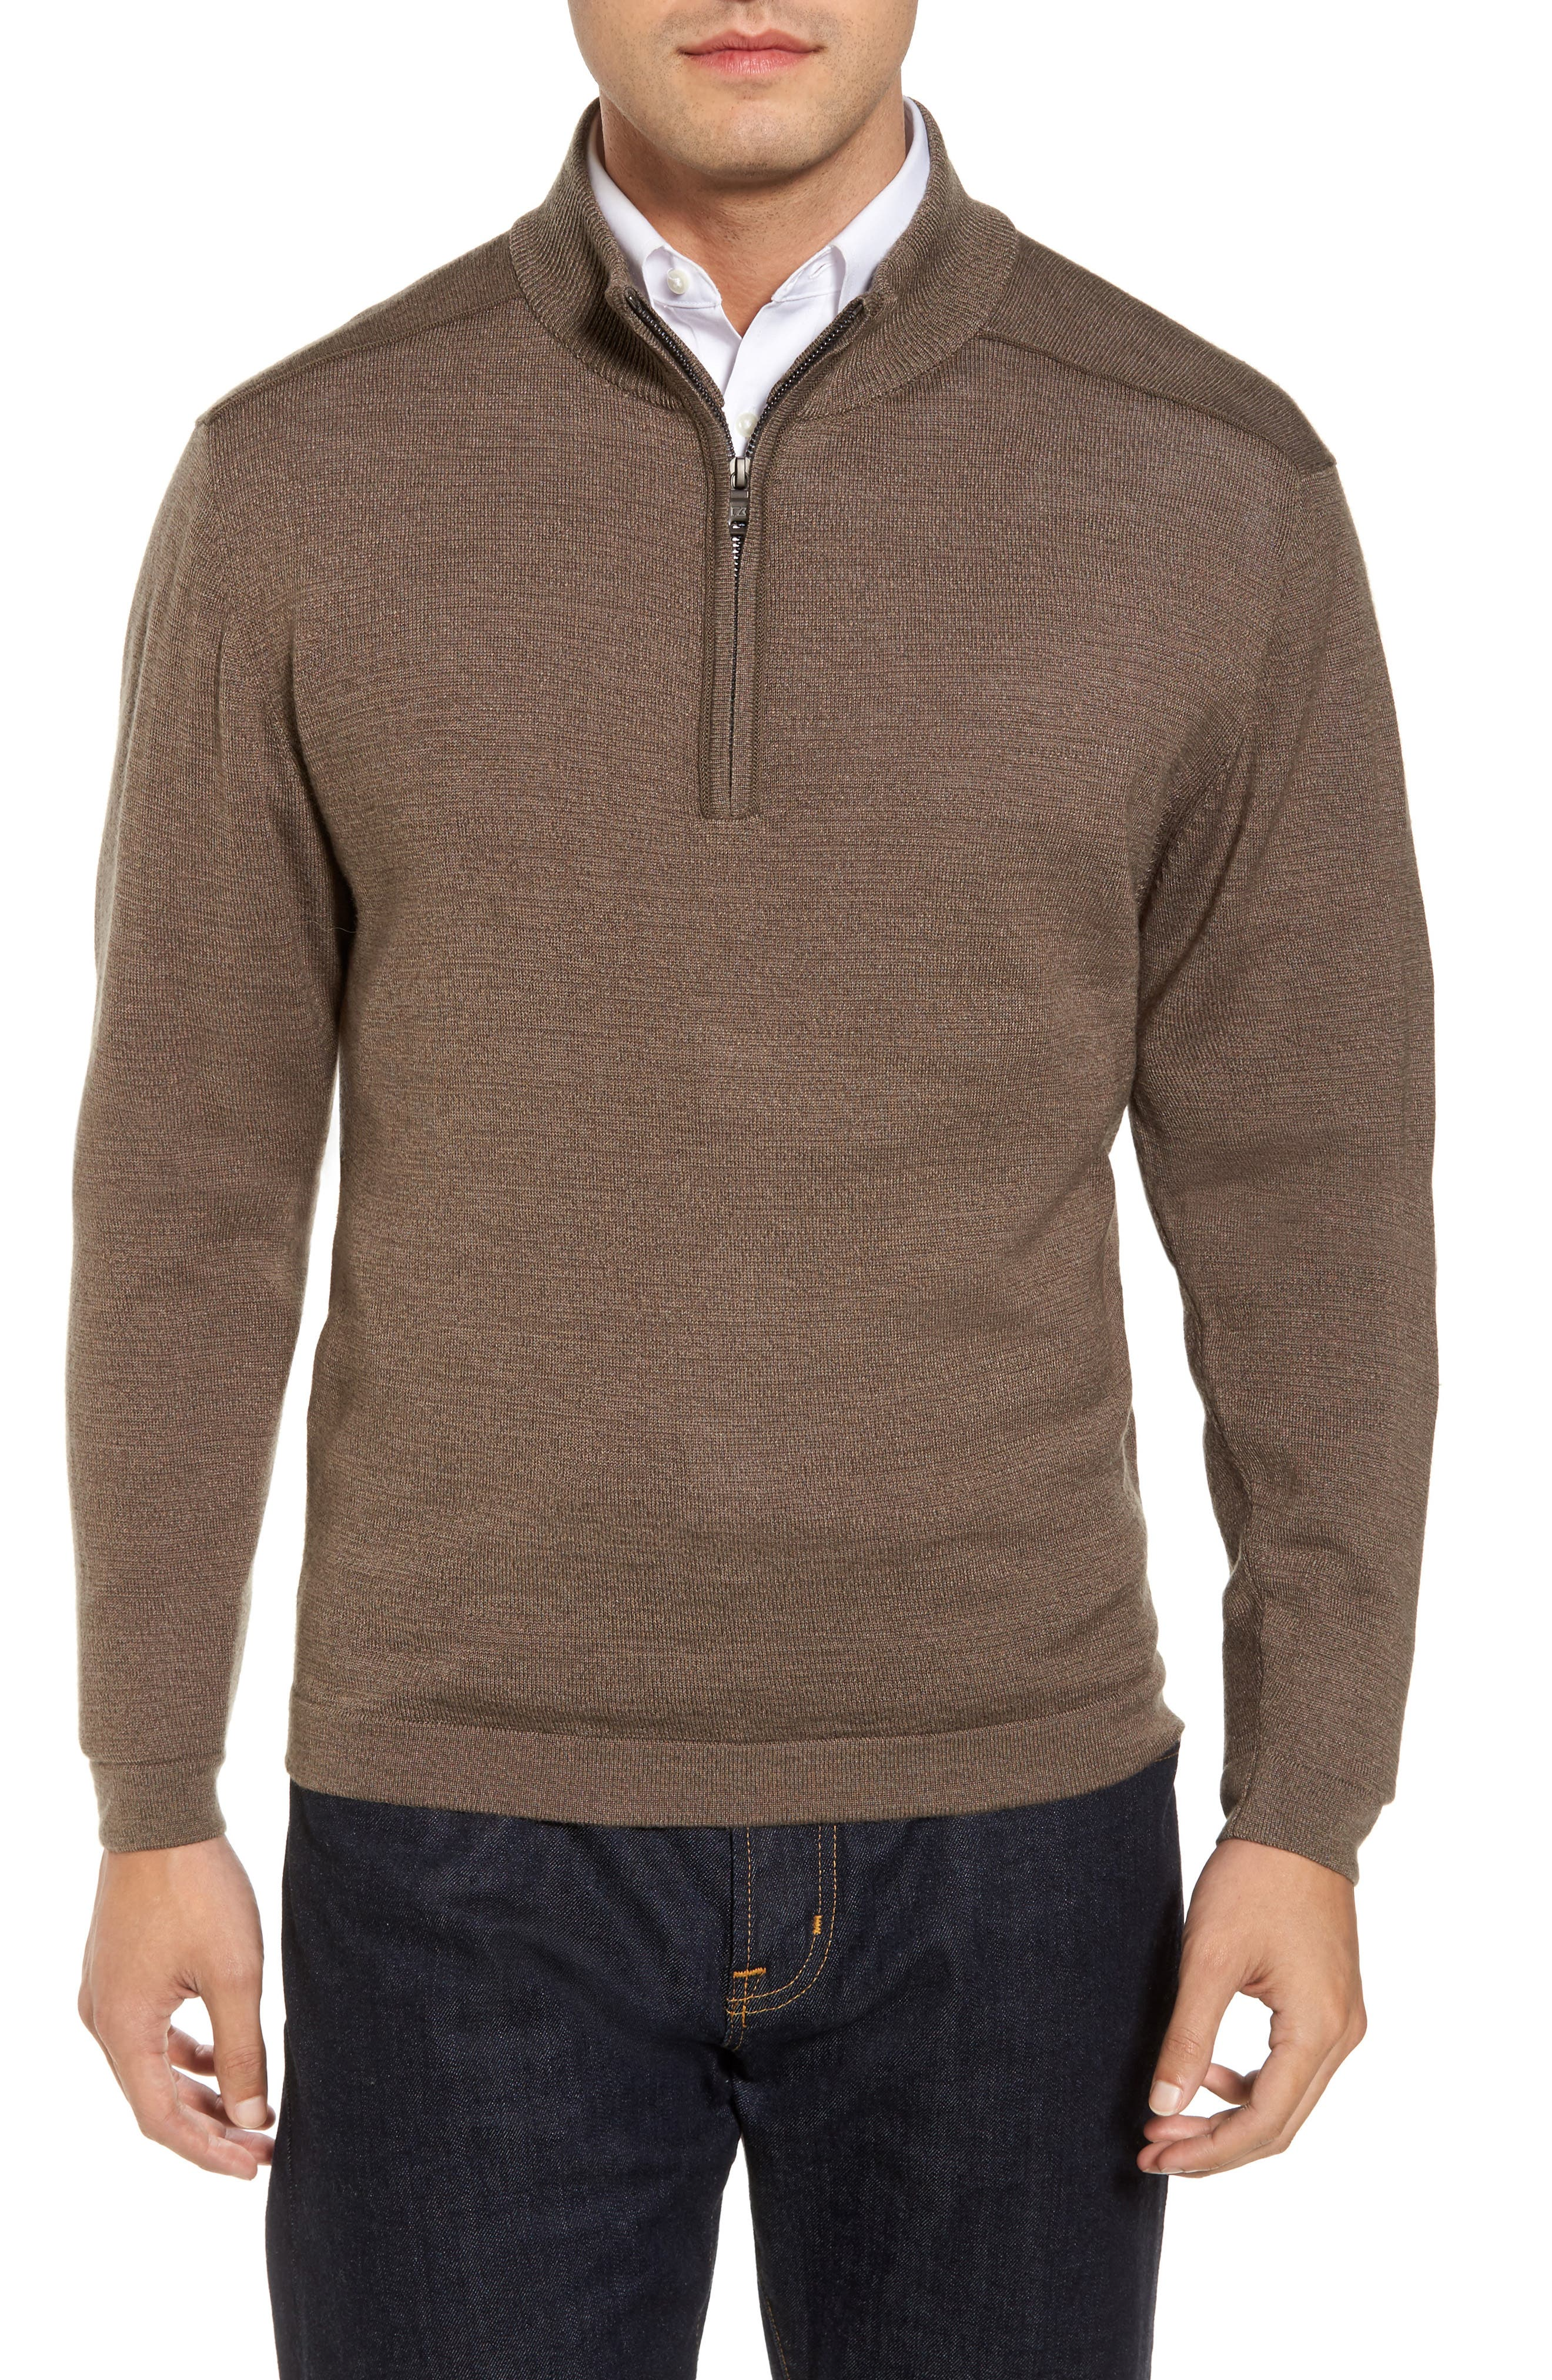 Cutter & Buck Henry Quarter Zip Wool Blend Pullover